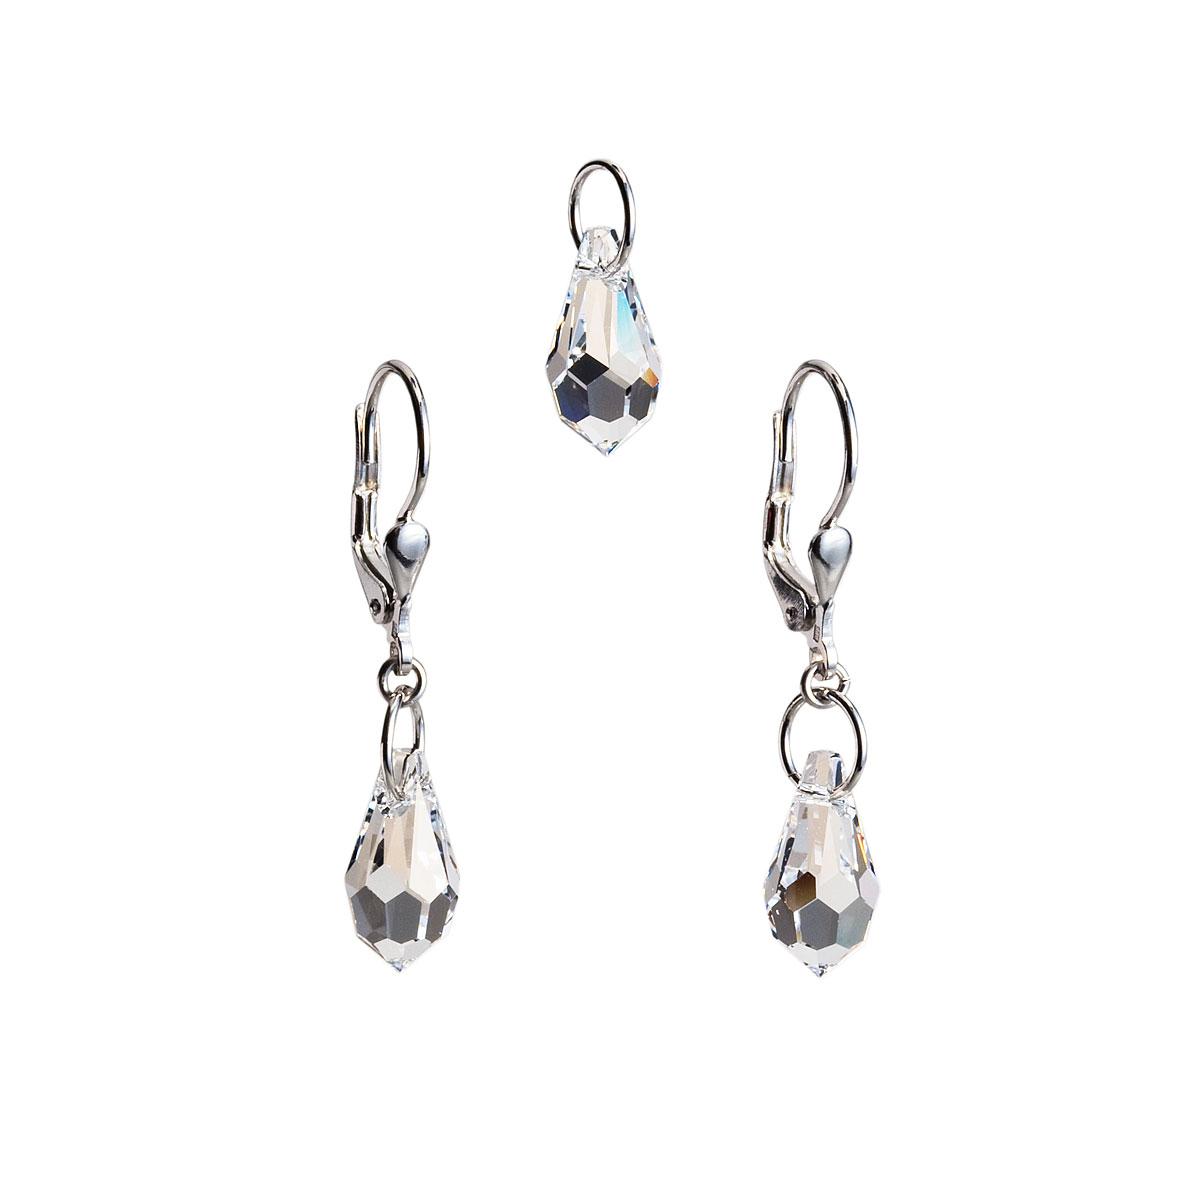 Sada šperkov s krištálmi Swarovski náušnice a prívesok biela slza 39029.1